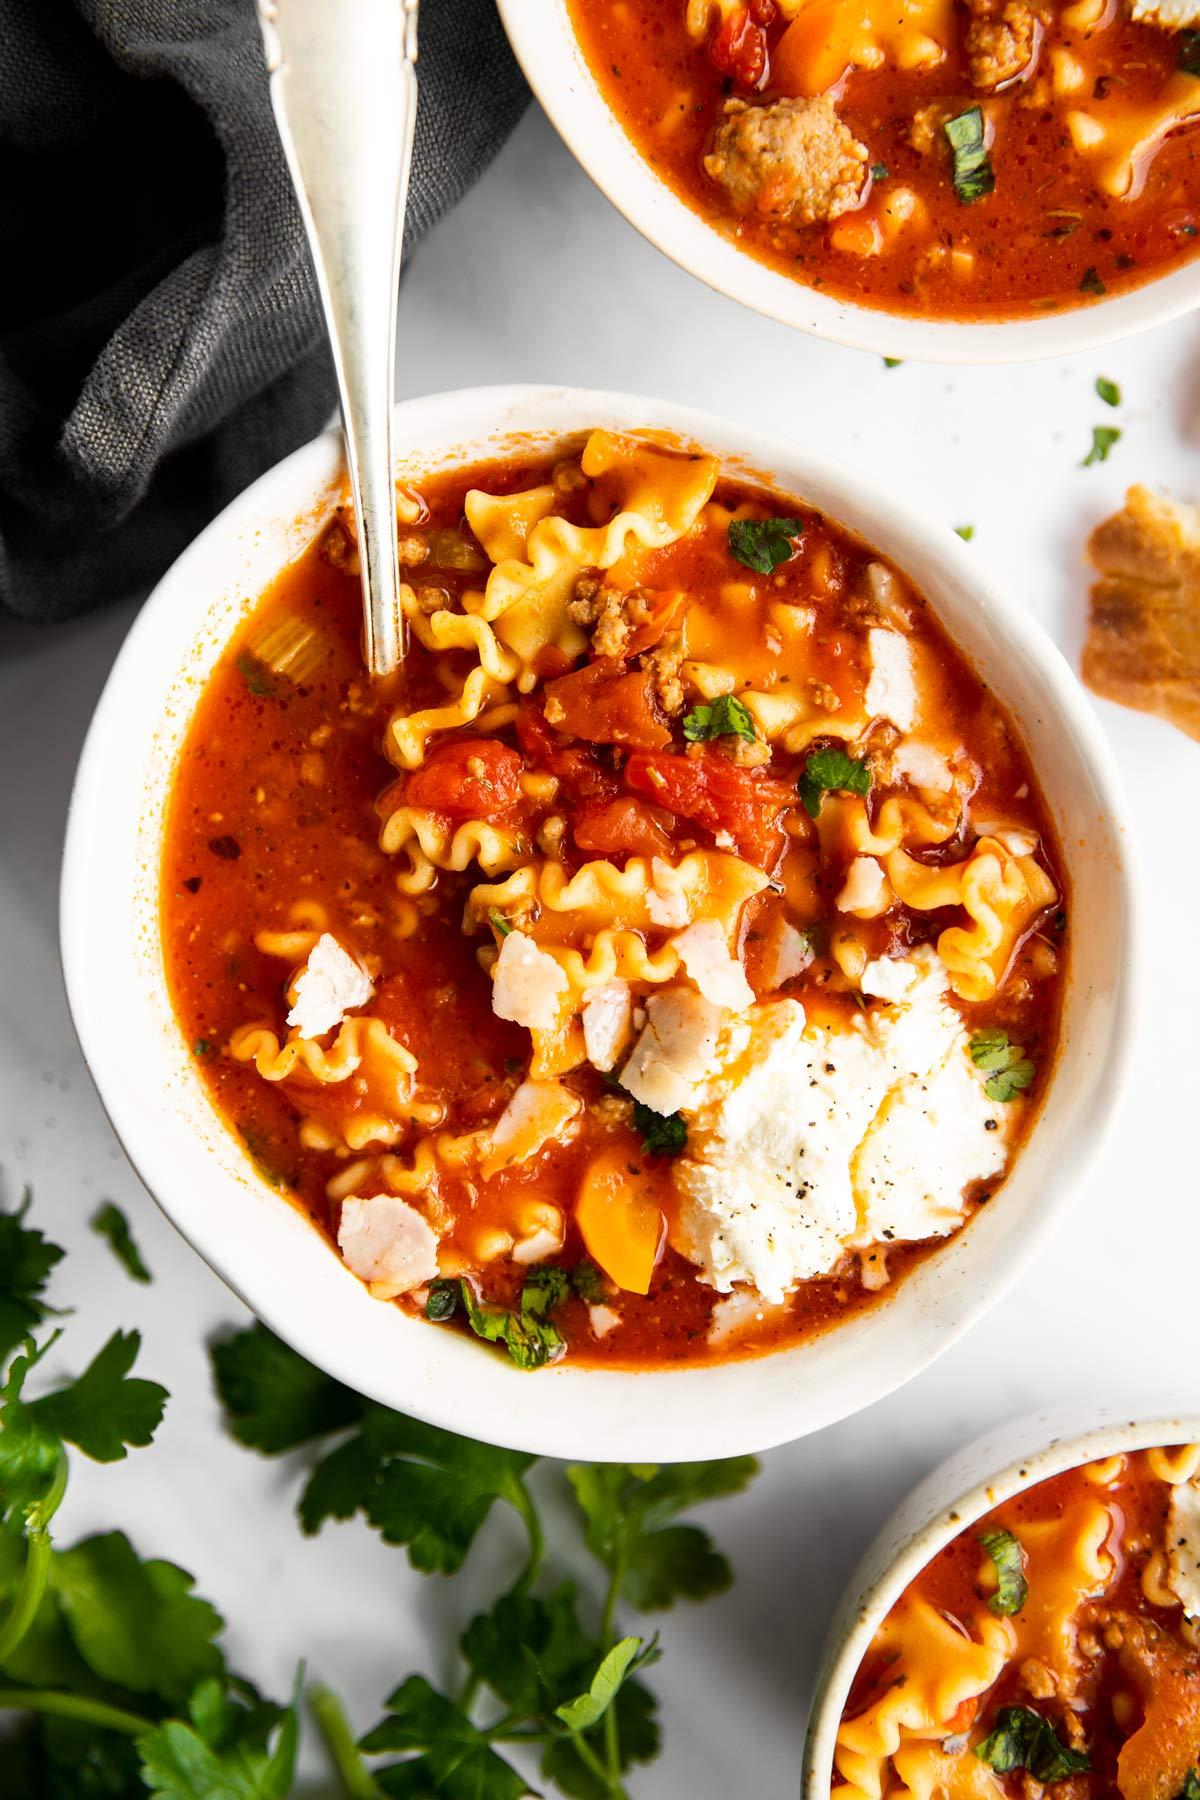 drei Schalen mit Lasagne Suppe